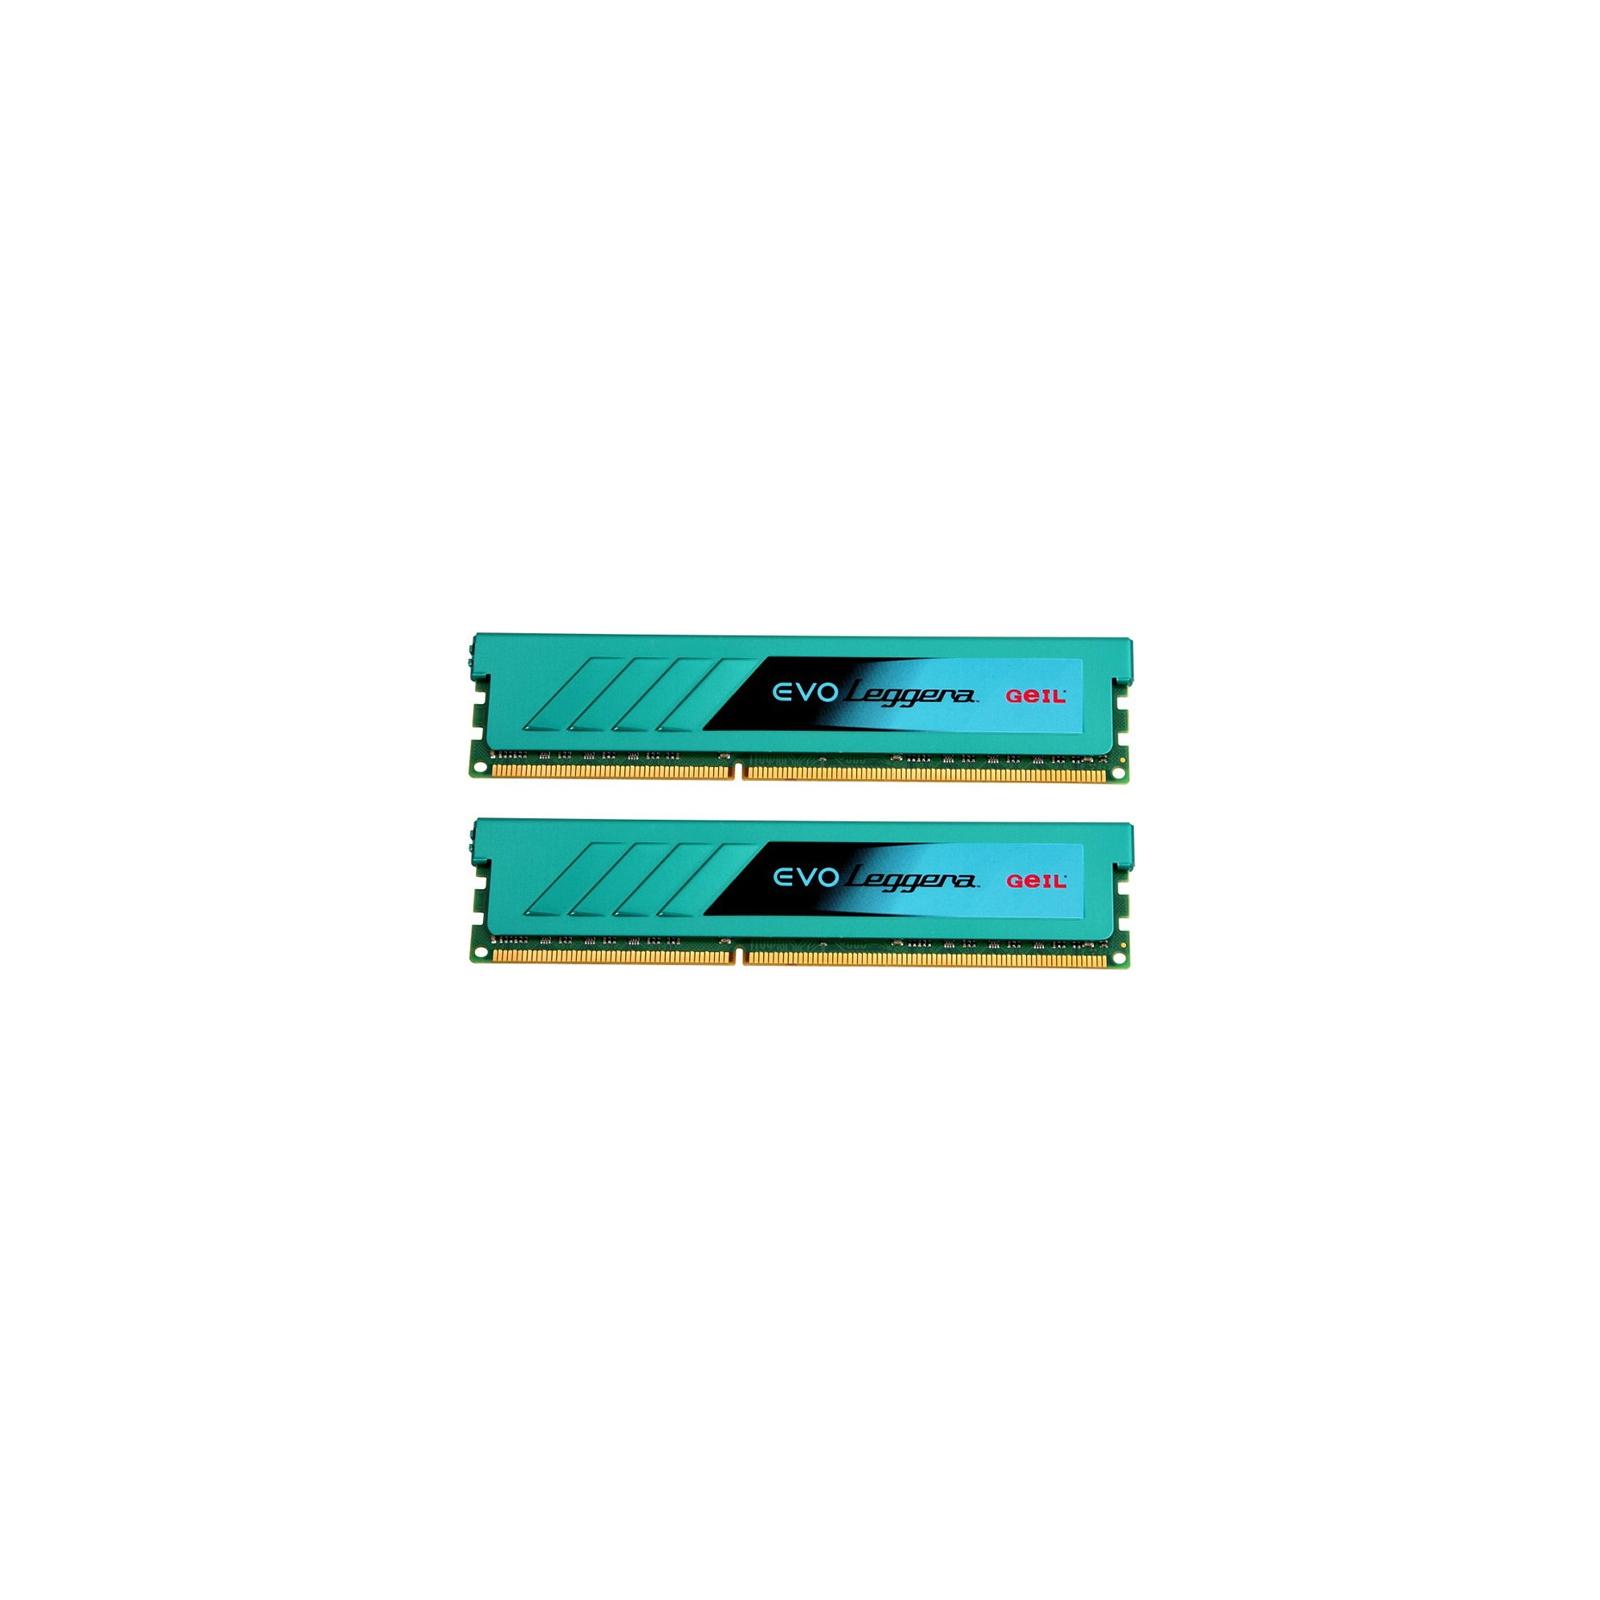 Модуль памяти для компьютера DDR3 16GB (2x8GB) 2133 MHz GEIL (GEL316GB2133C10ADC)